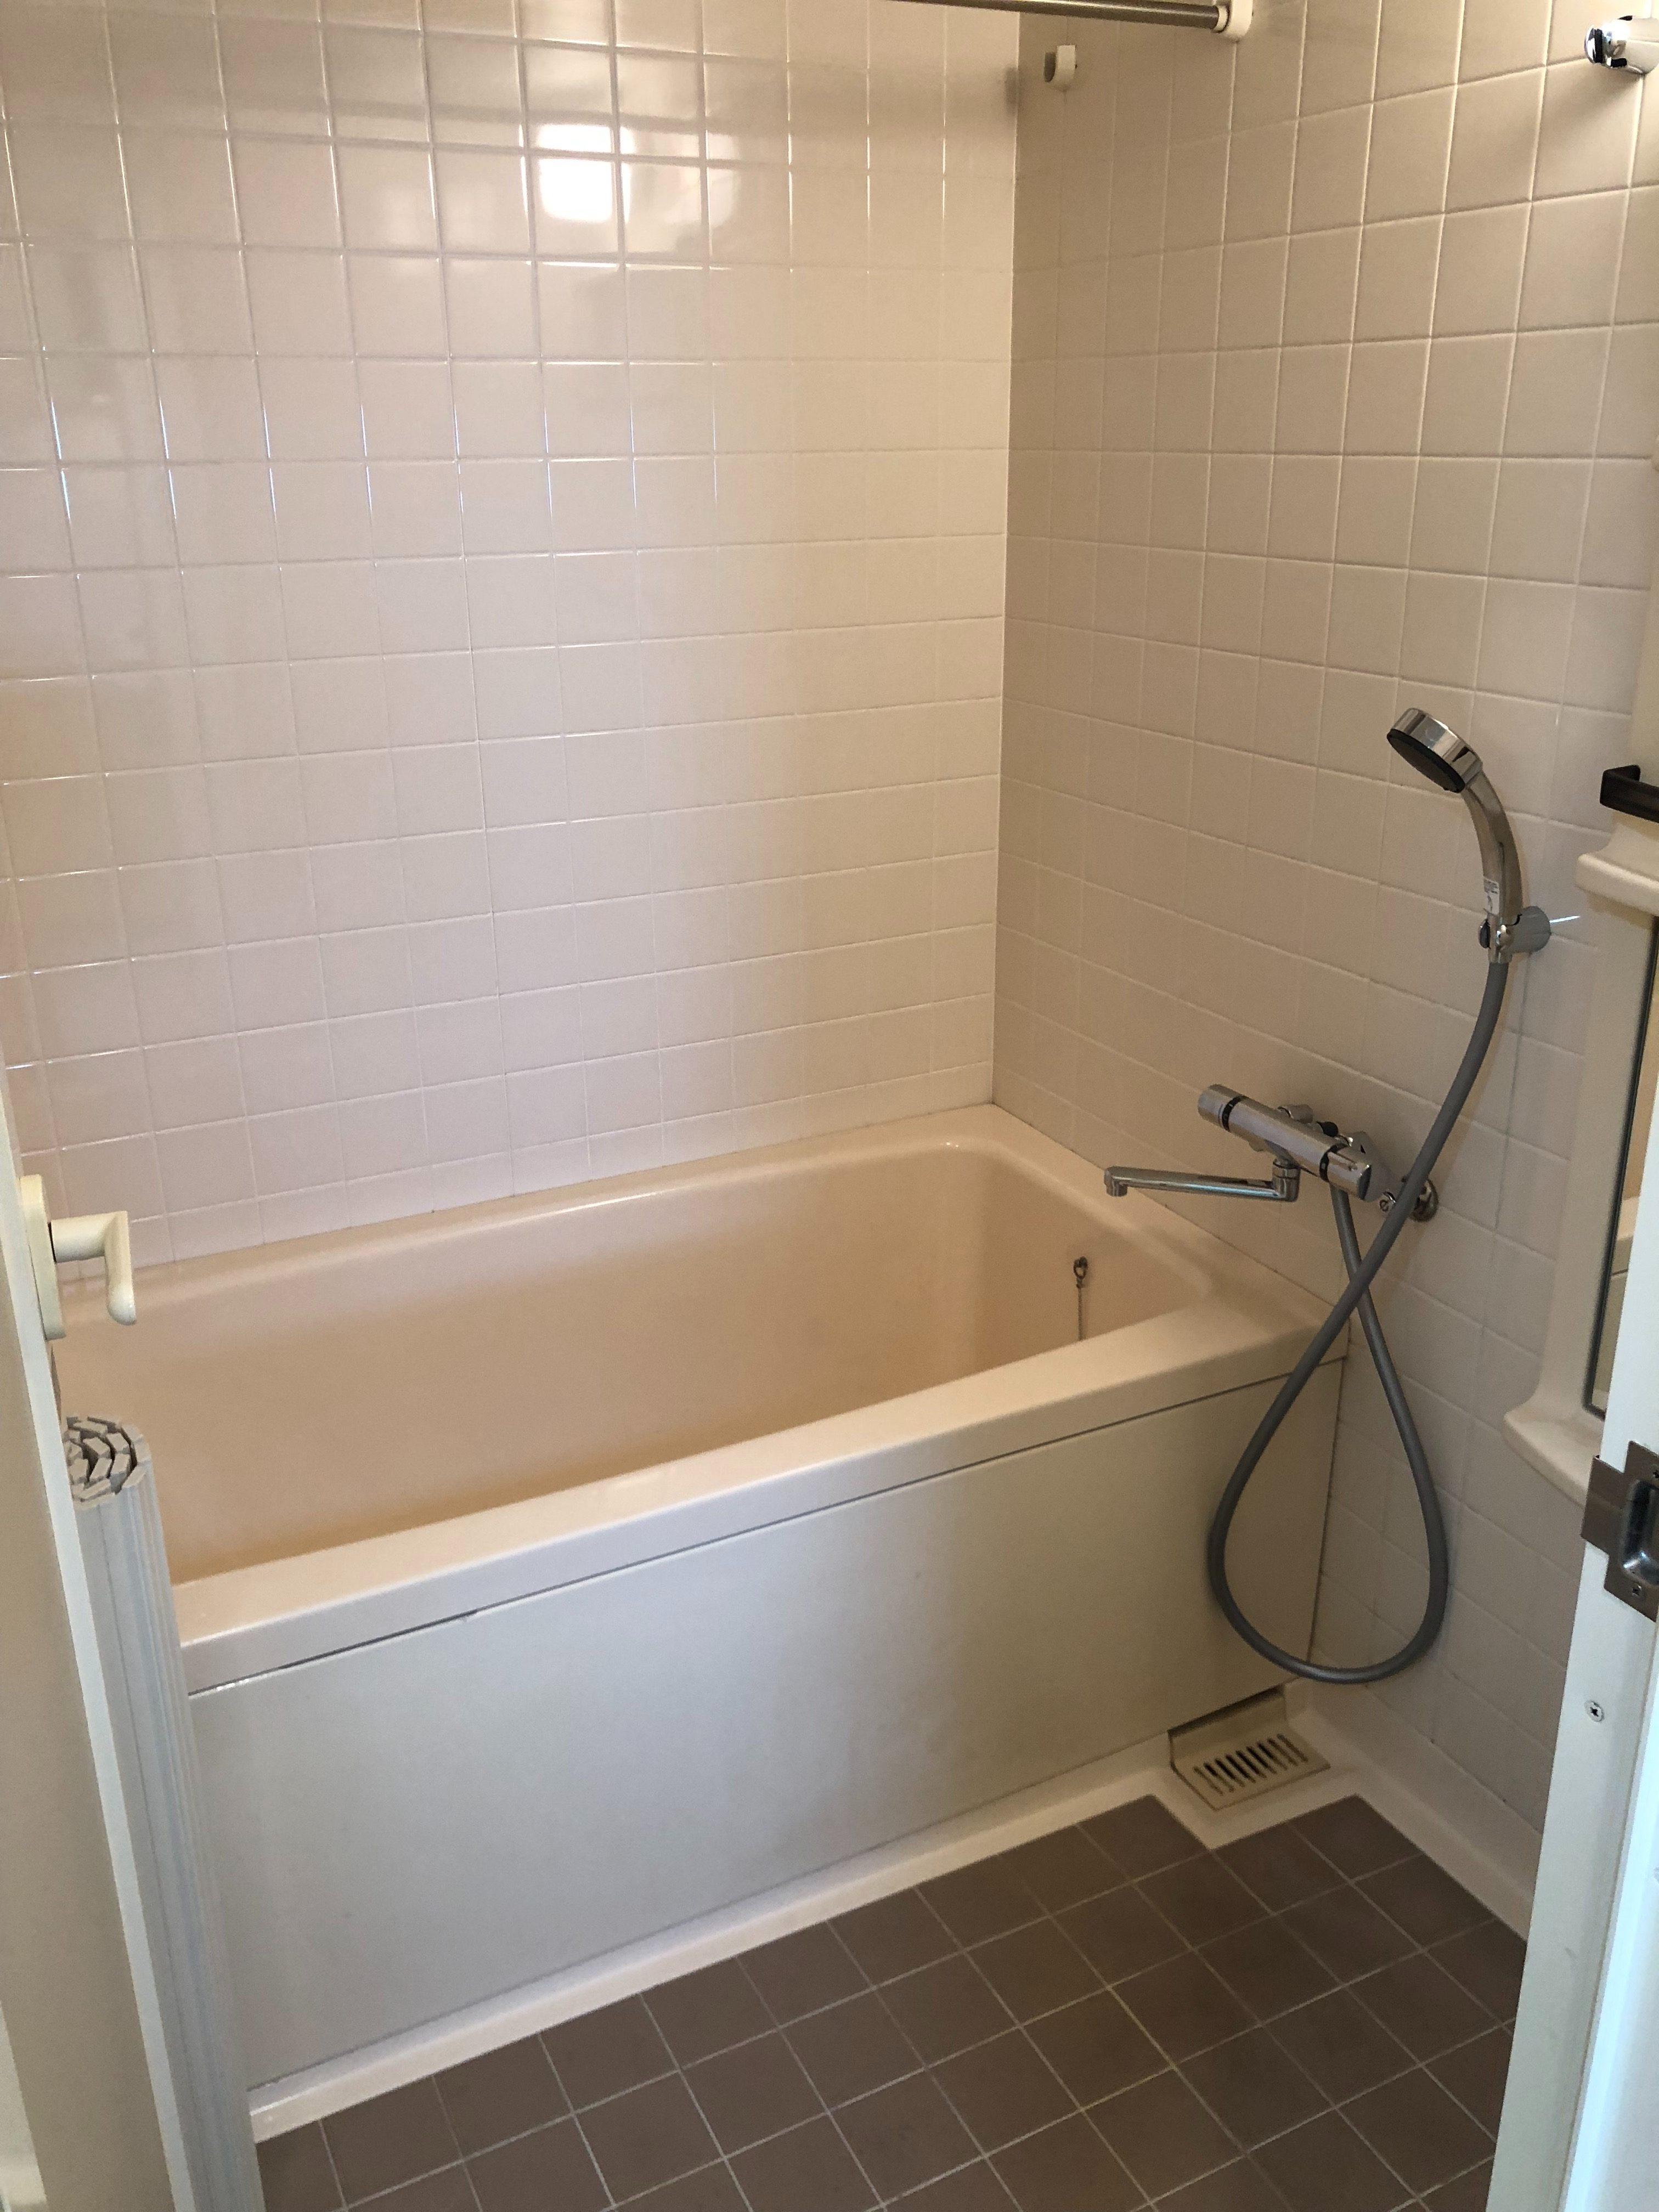 LINE申請見積もり可!電話受付365日受付!汚れをきれいスッキリ!除菌・殺菌・漂白などで浴槽の頑固な「お風呂清掃」おそうじプラス伊丹